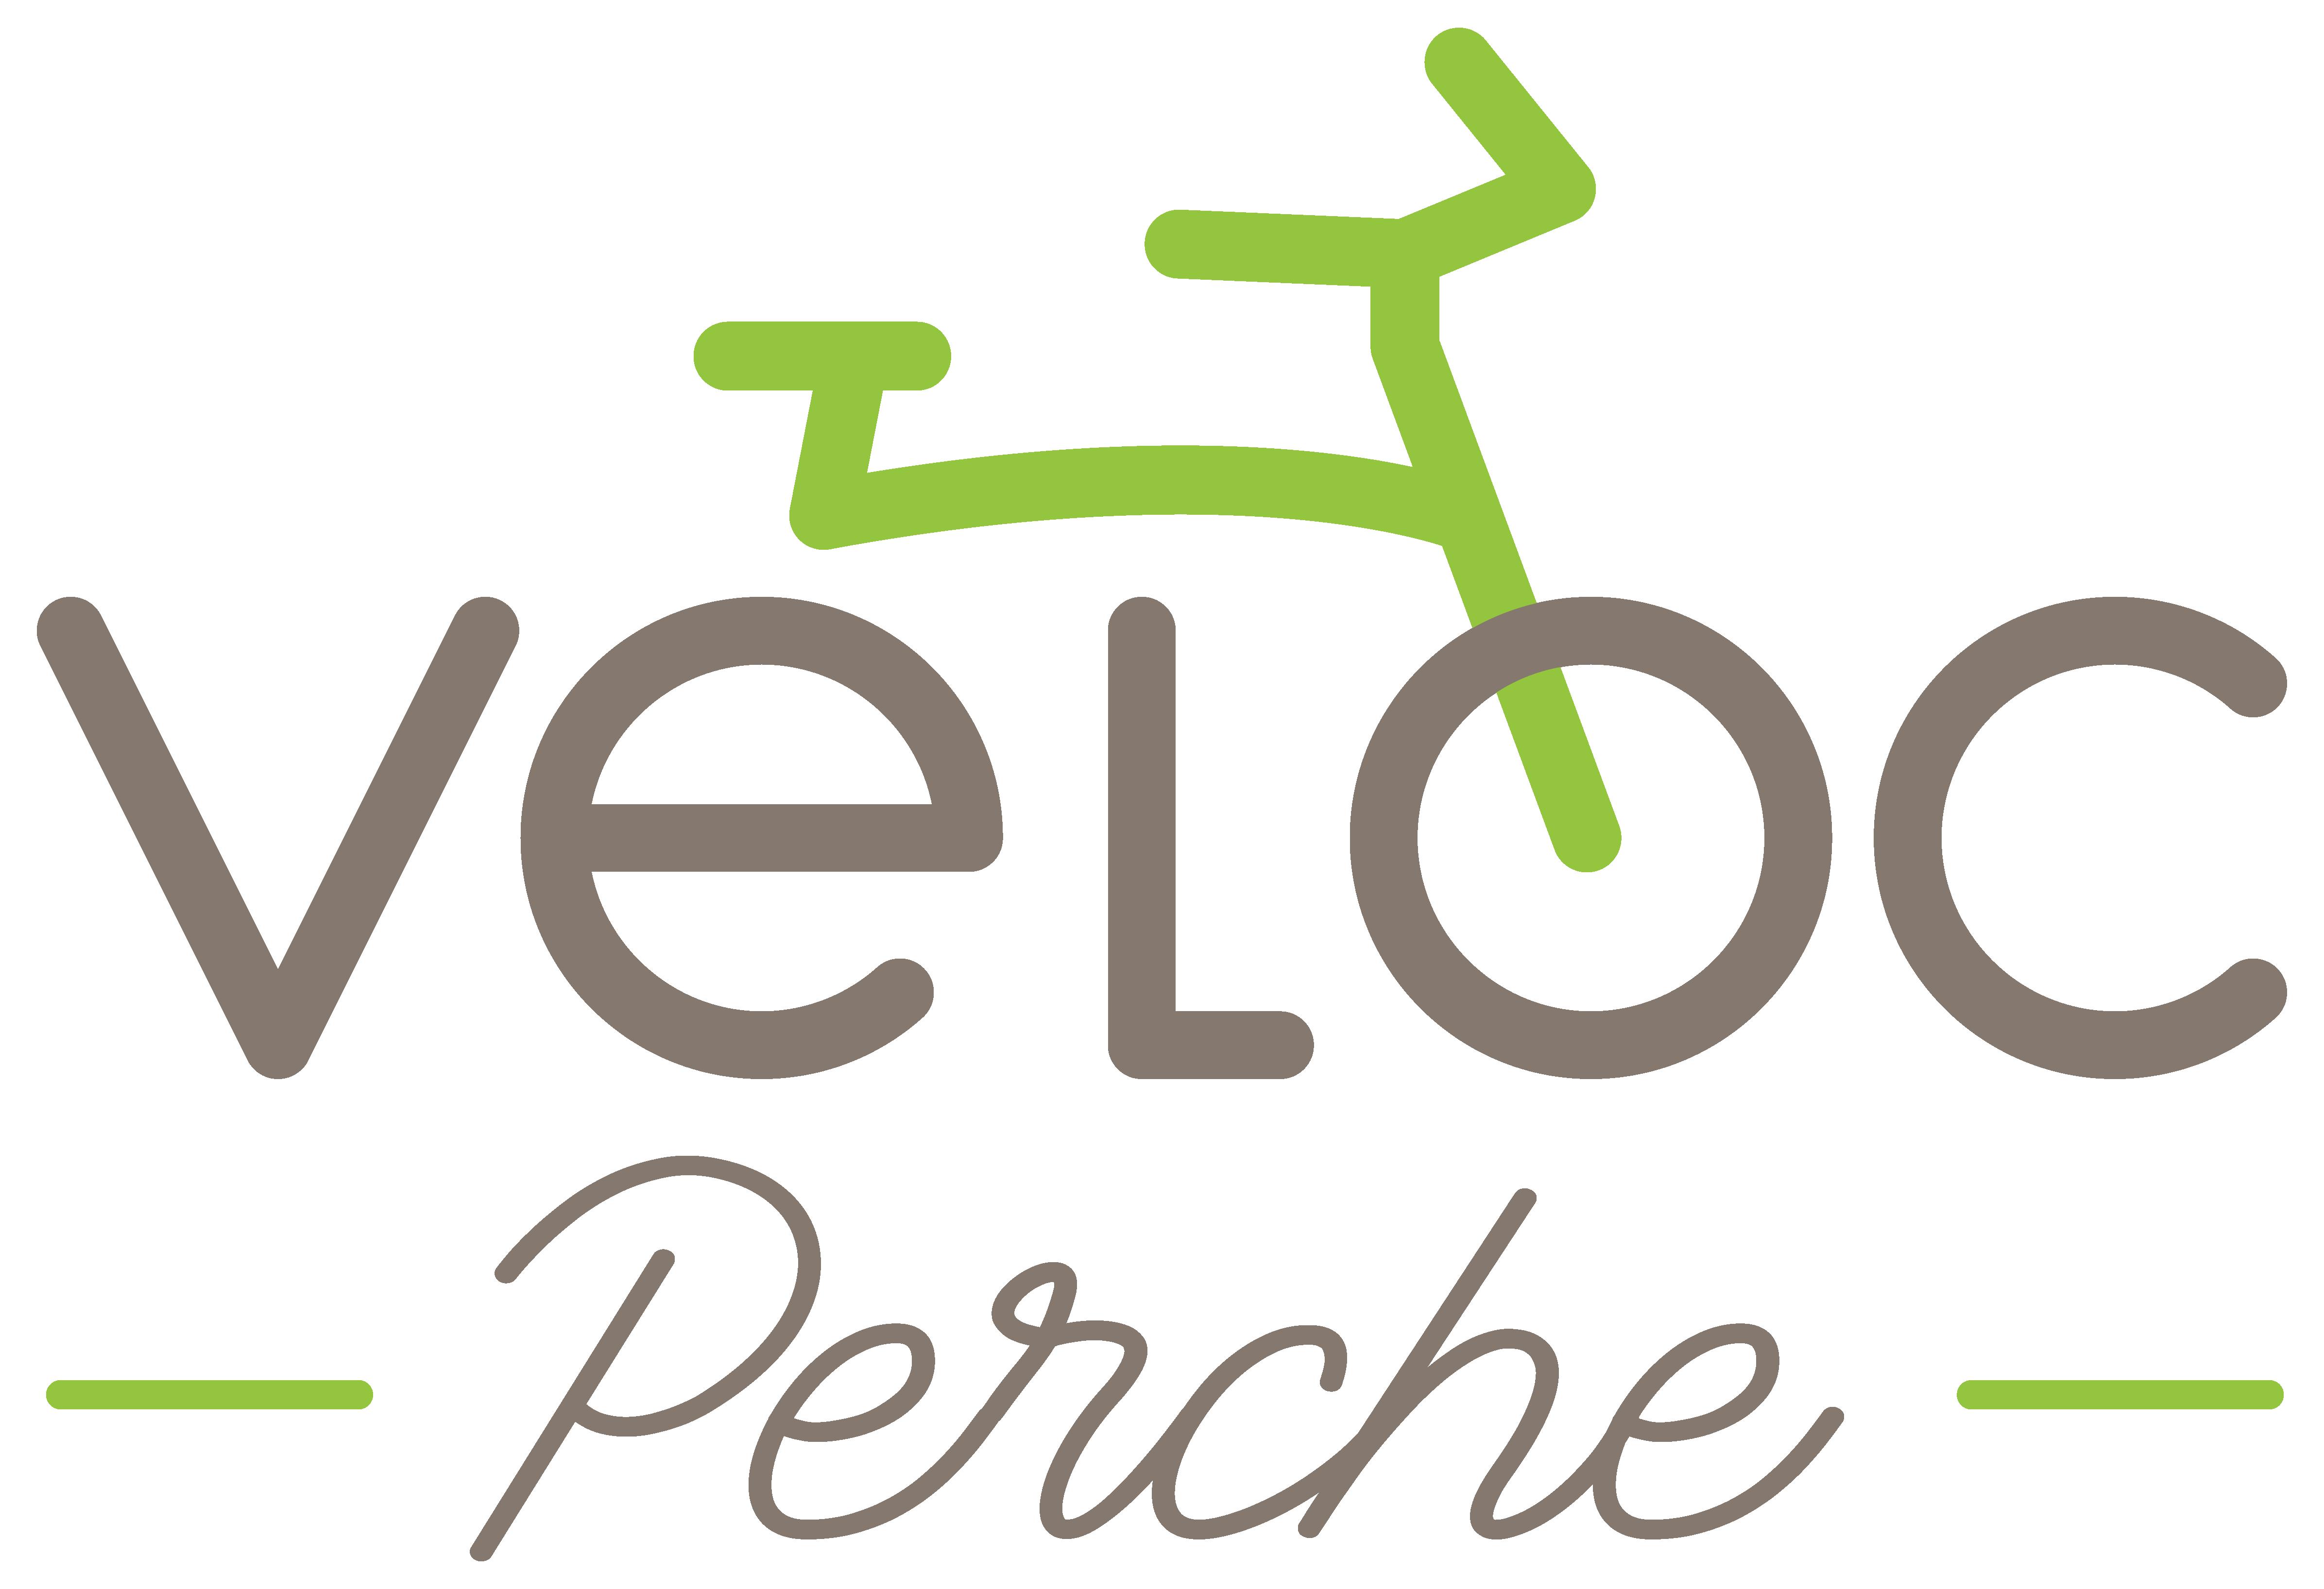 Veloc Perche